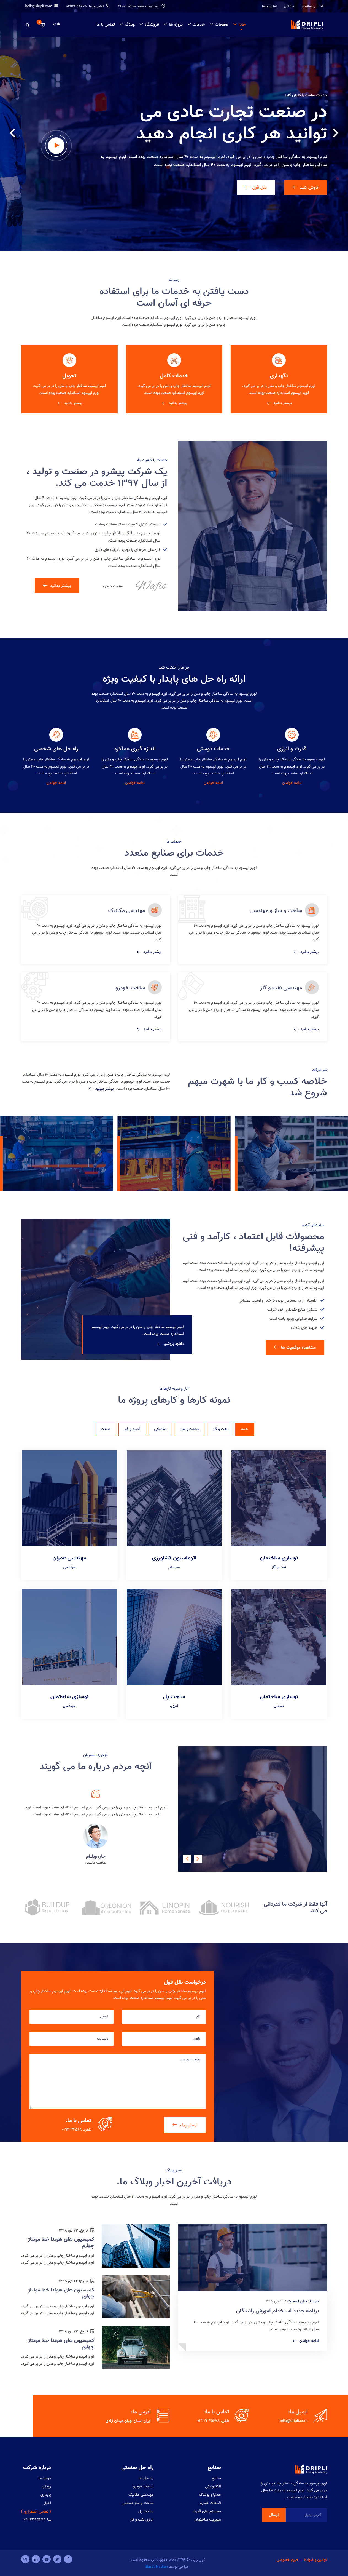 قالب HTML Dripli ، قالب HTML سایت شرکتی صنعتی و کارخانه ای دریپلی